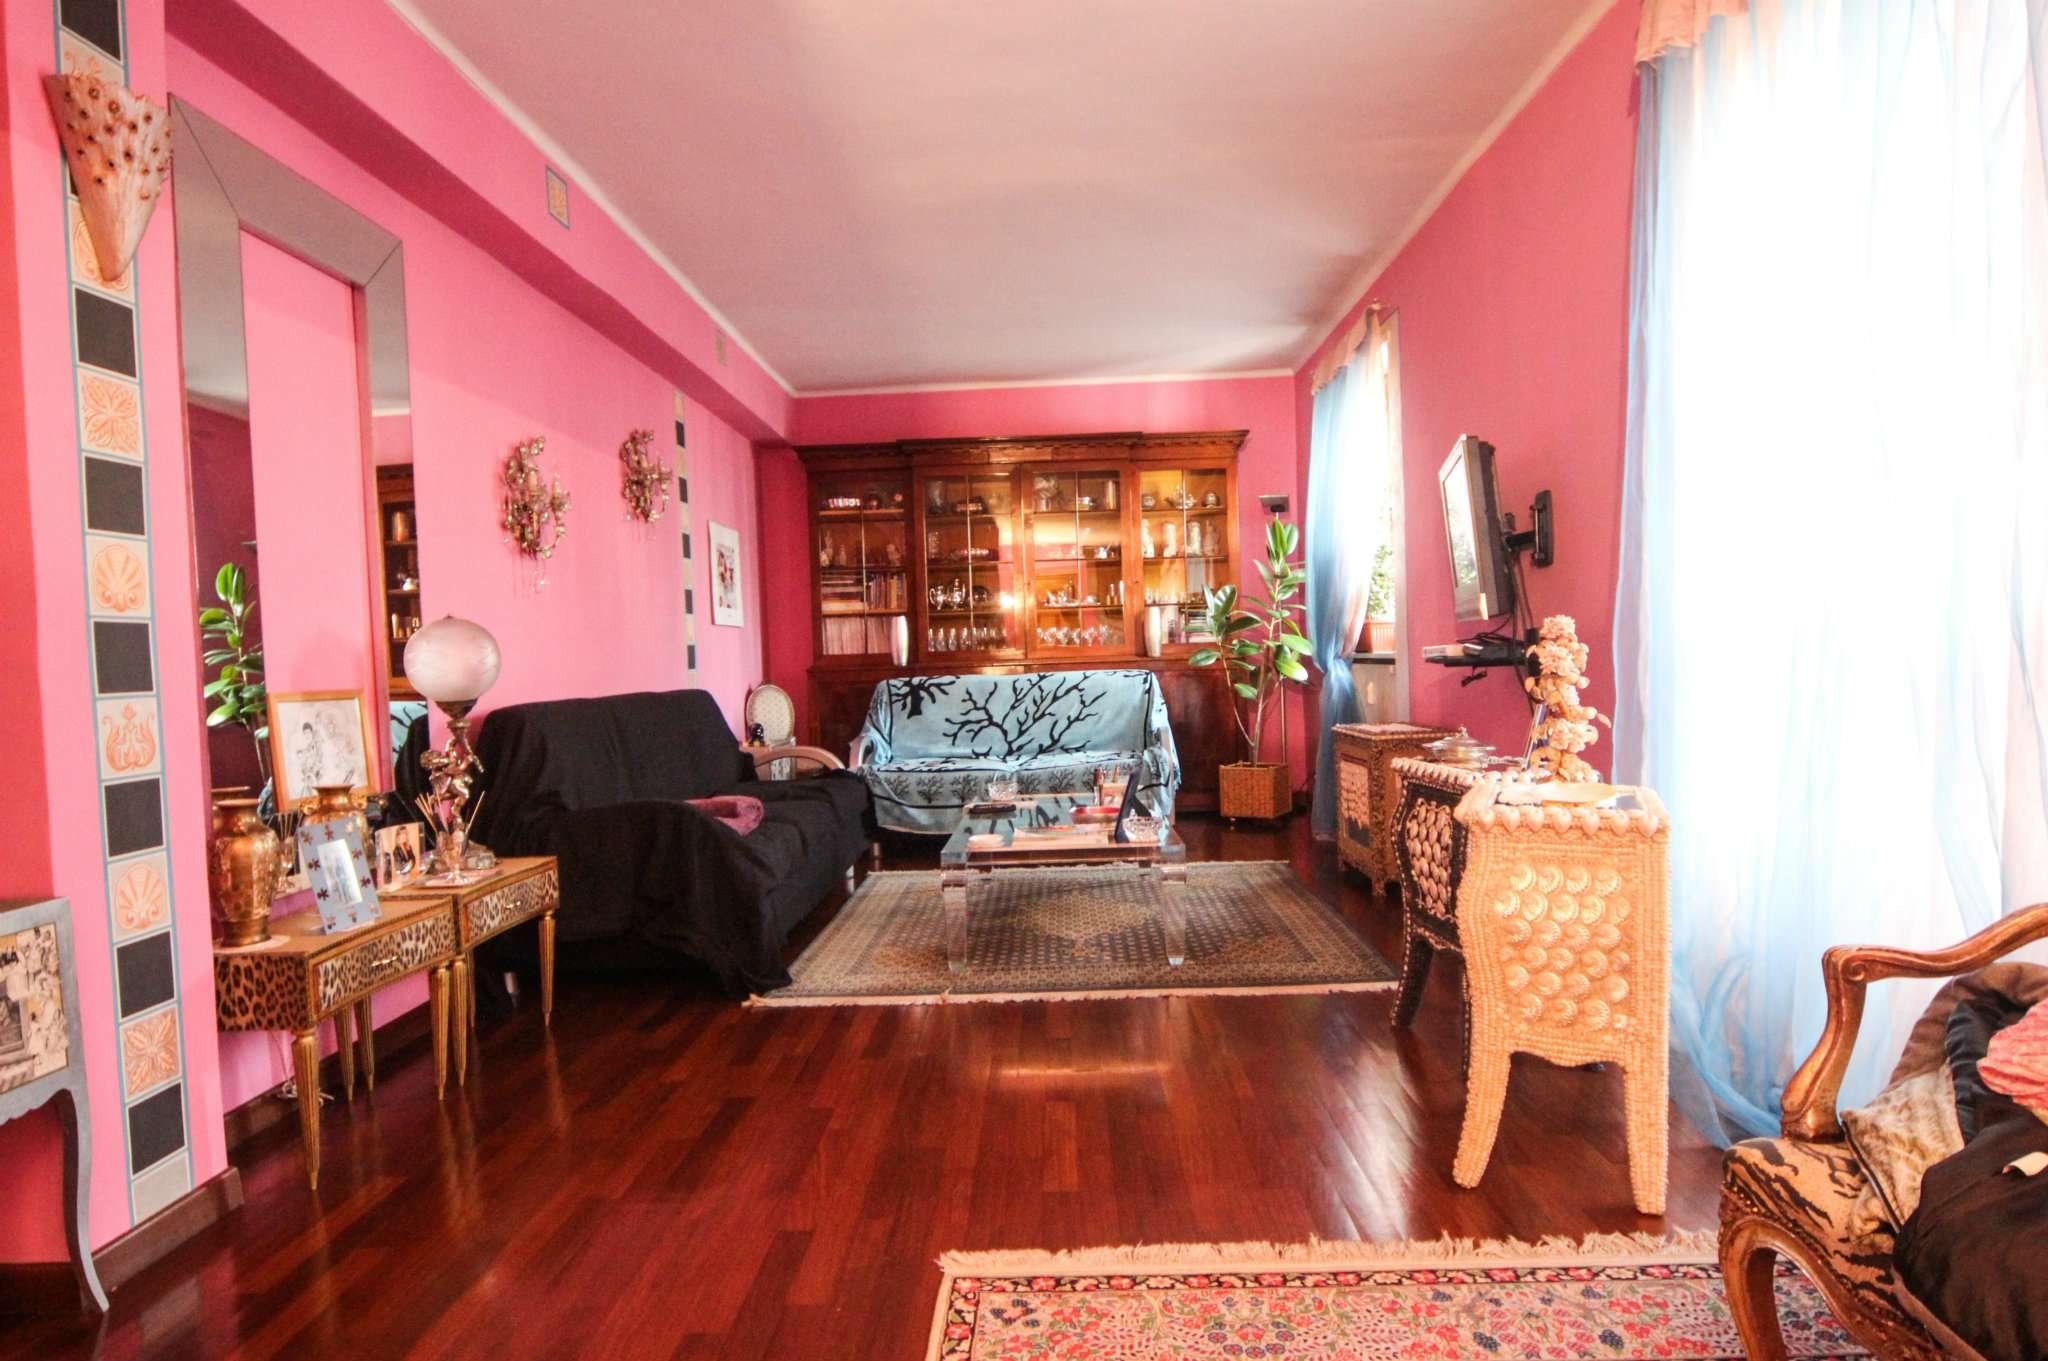 Appartamento in vendita a Torino, 5 locali, zona Zona: 2 . San Secondo, Crocetta, prezzo € 300.000 | CambioCasa.it